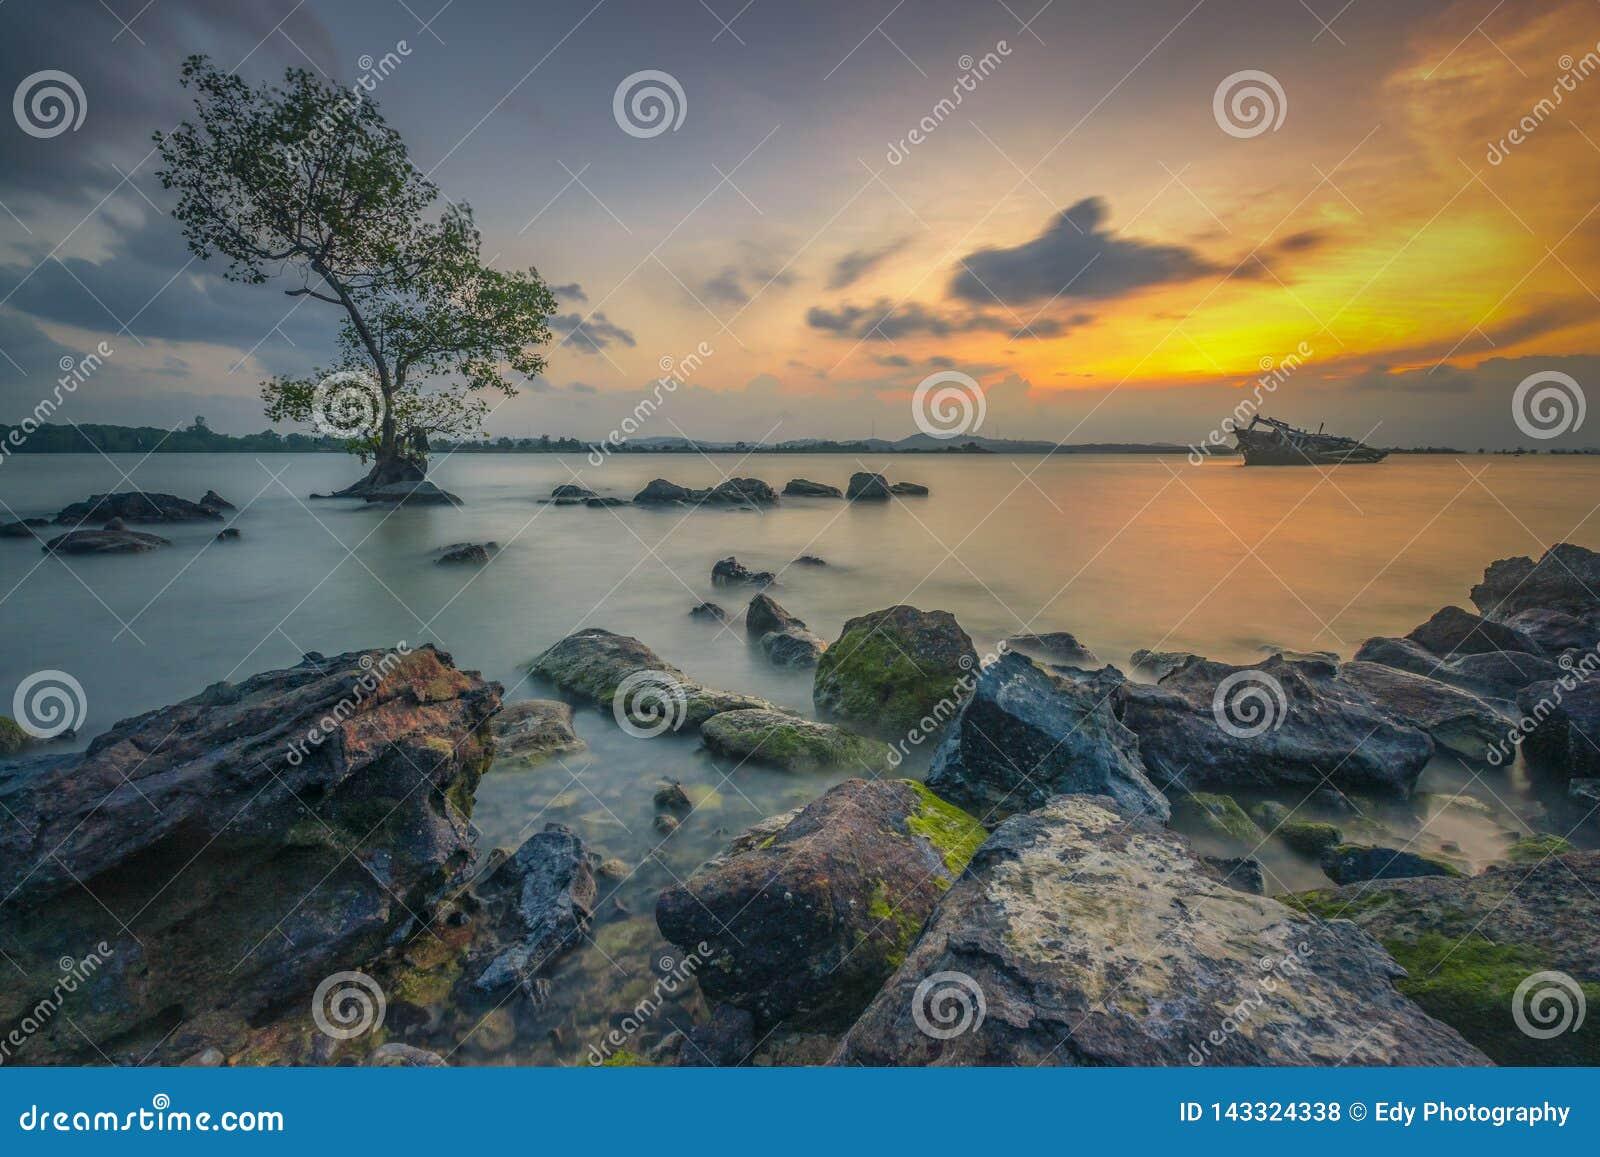 Απολαύστε το ηλιοβασίλεμα στην άκρη του βράχου